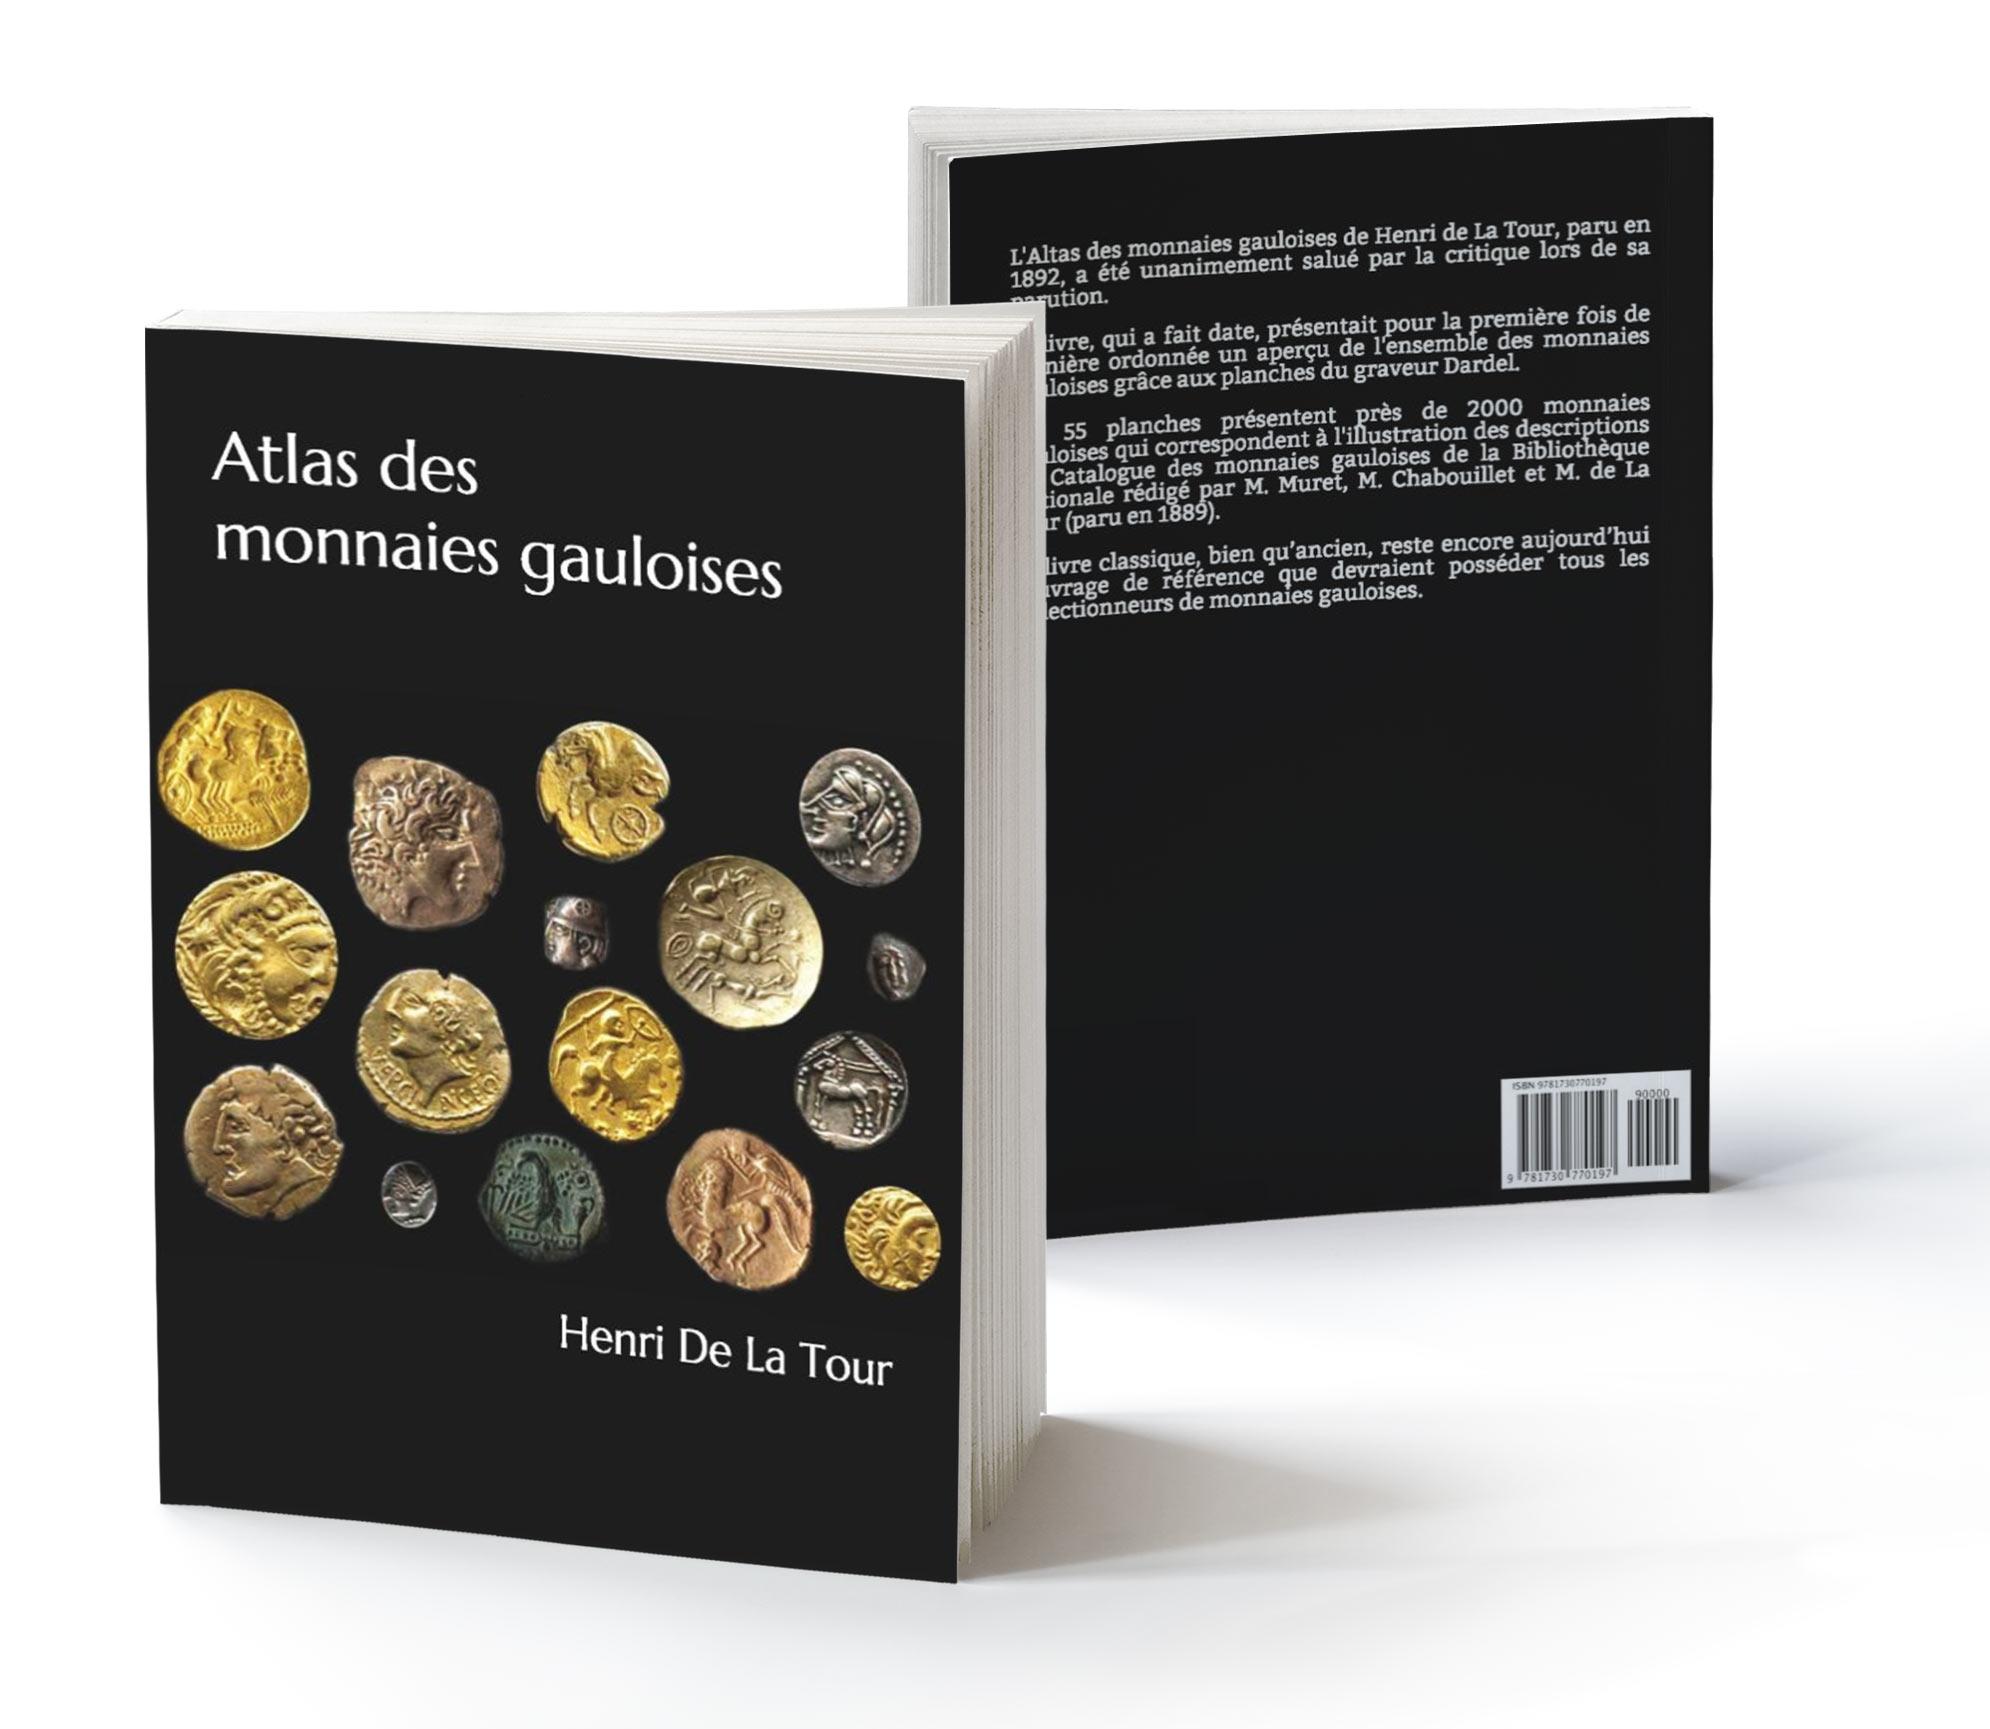 Couverture du livre Atlas des Monnaies Gauloises de Henri de La Tour